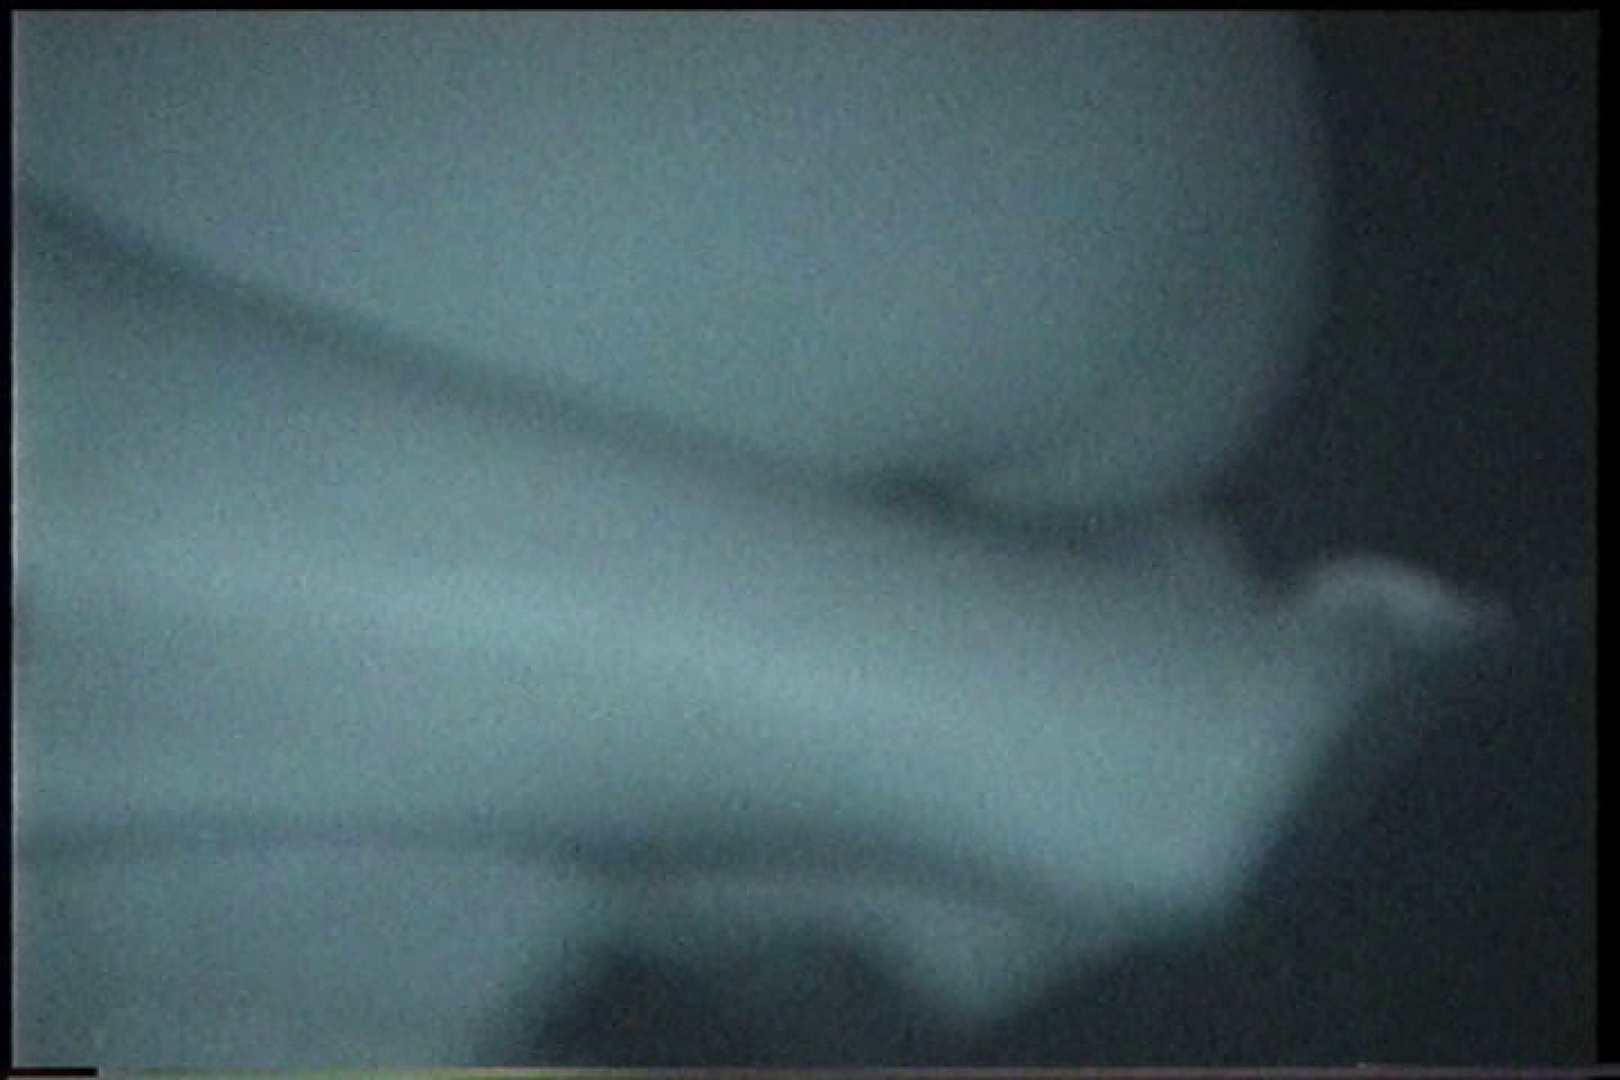 充血監督の深夜の運動会Vol.204 エロティックなOL  59画像 52